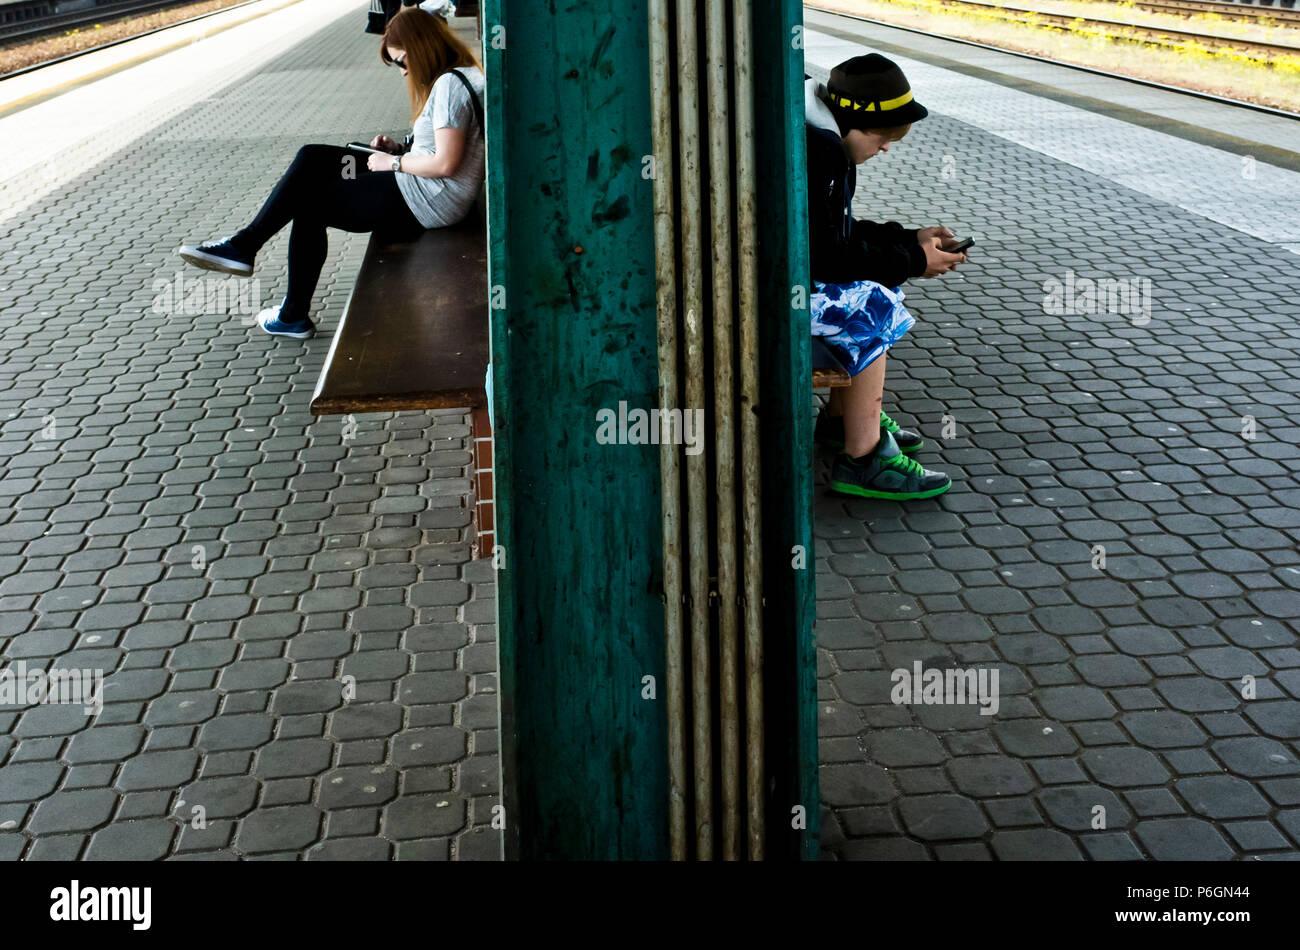 Un garçon et une fille assise sur un banc d'une gare ferroviaire de la plate-forme, train en attente et texting on smartphone Photo Stock